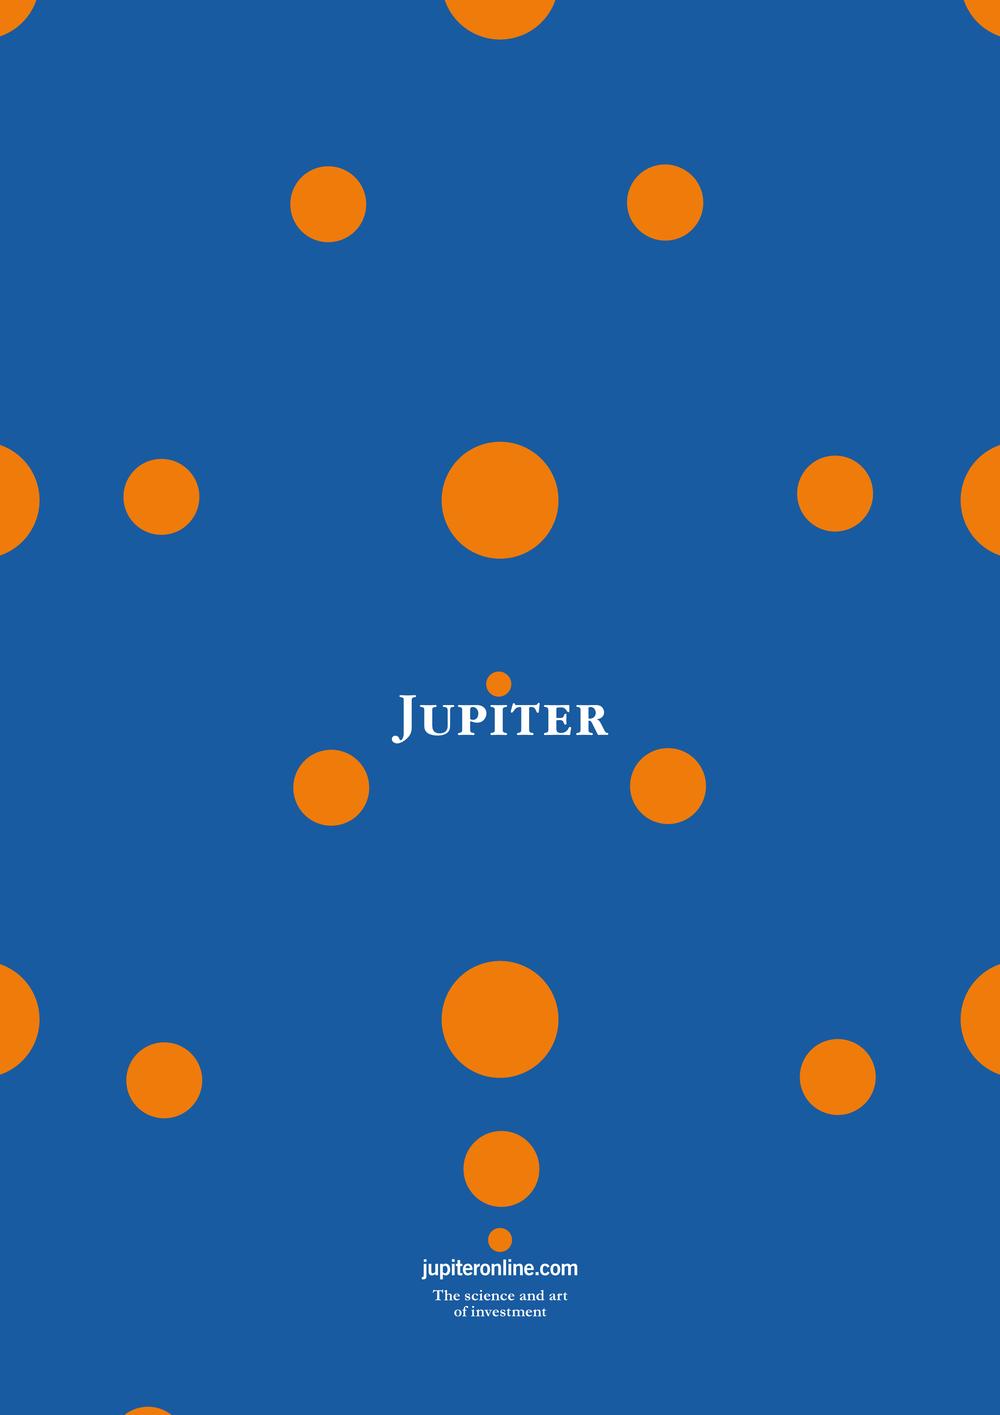 DIRK VAN DOOREN_Jupiter Asset Management- Rebrand Overview v2-03.pngx.png